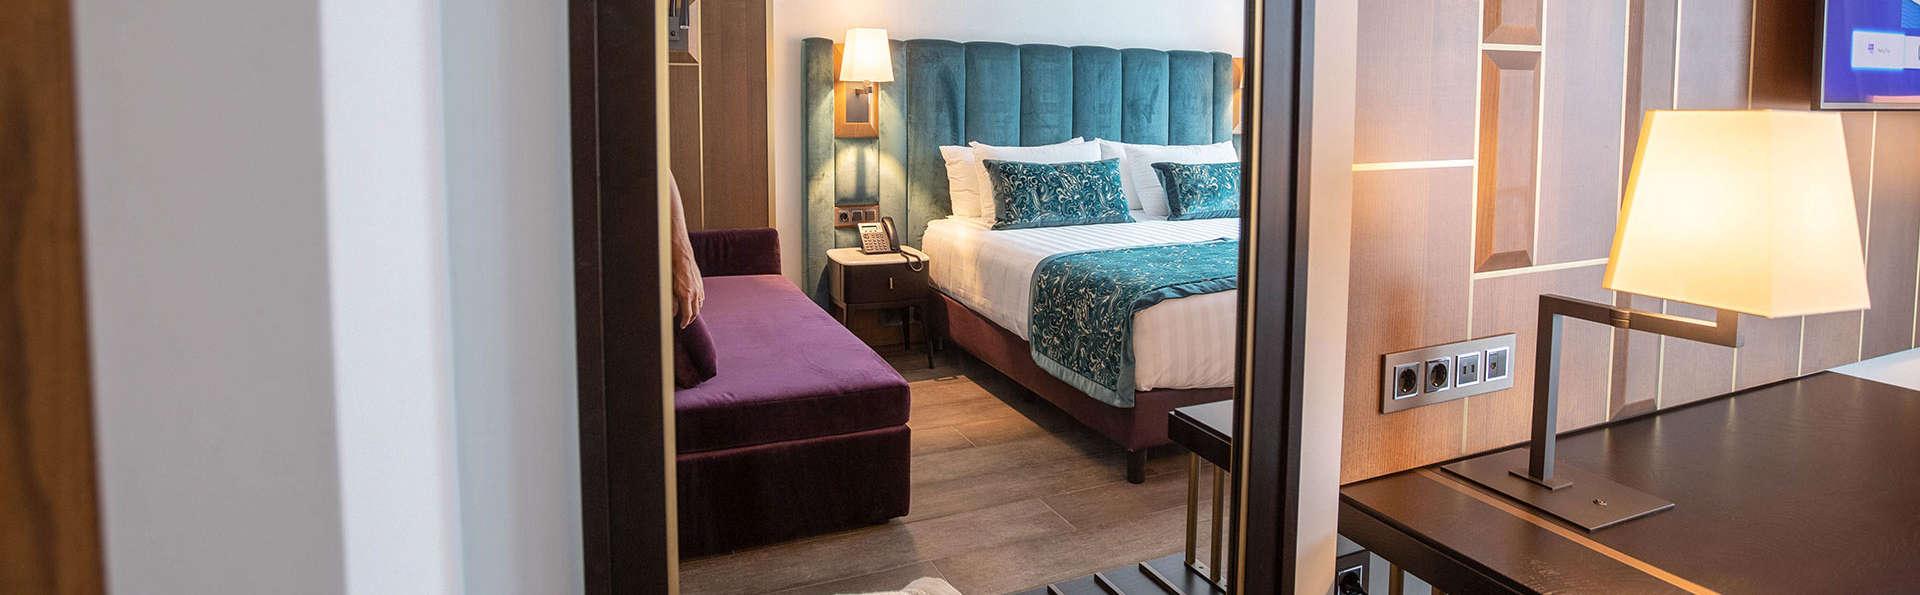 Escapada VIP: habitación superior, masaje y cena incluidos